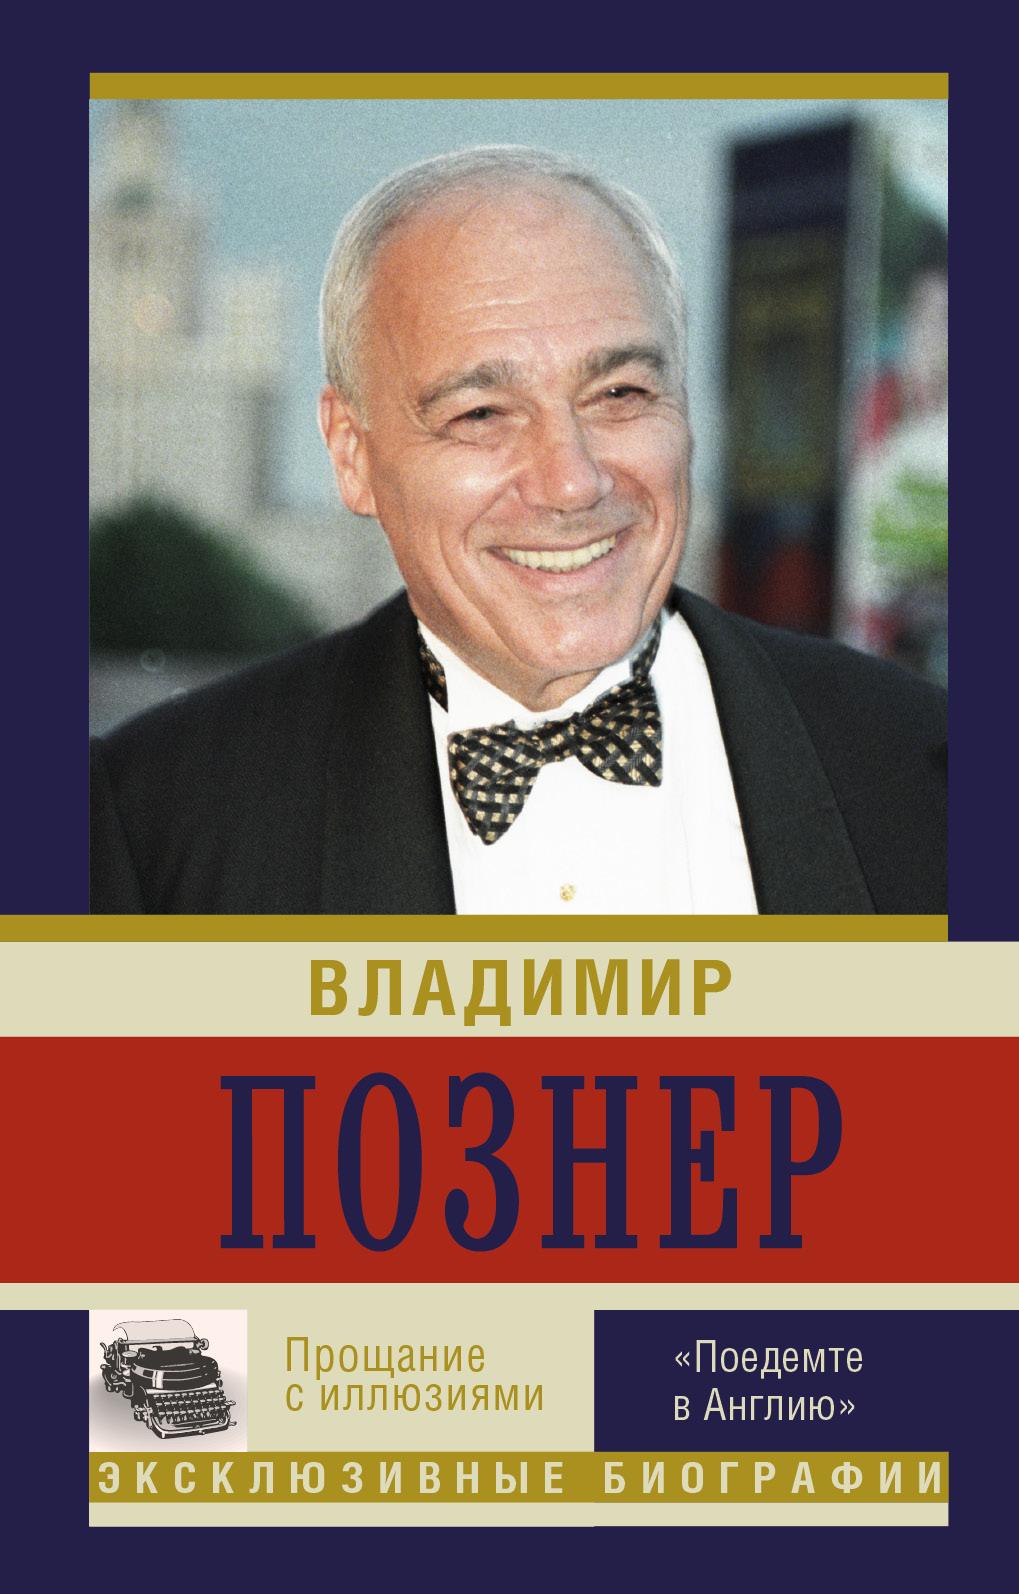 купить Владимир Познер Прощание с иллюзиями. «Поедемте в Англию» по цене 129 рублей